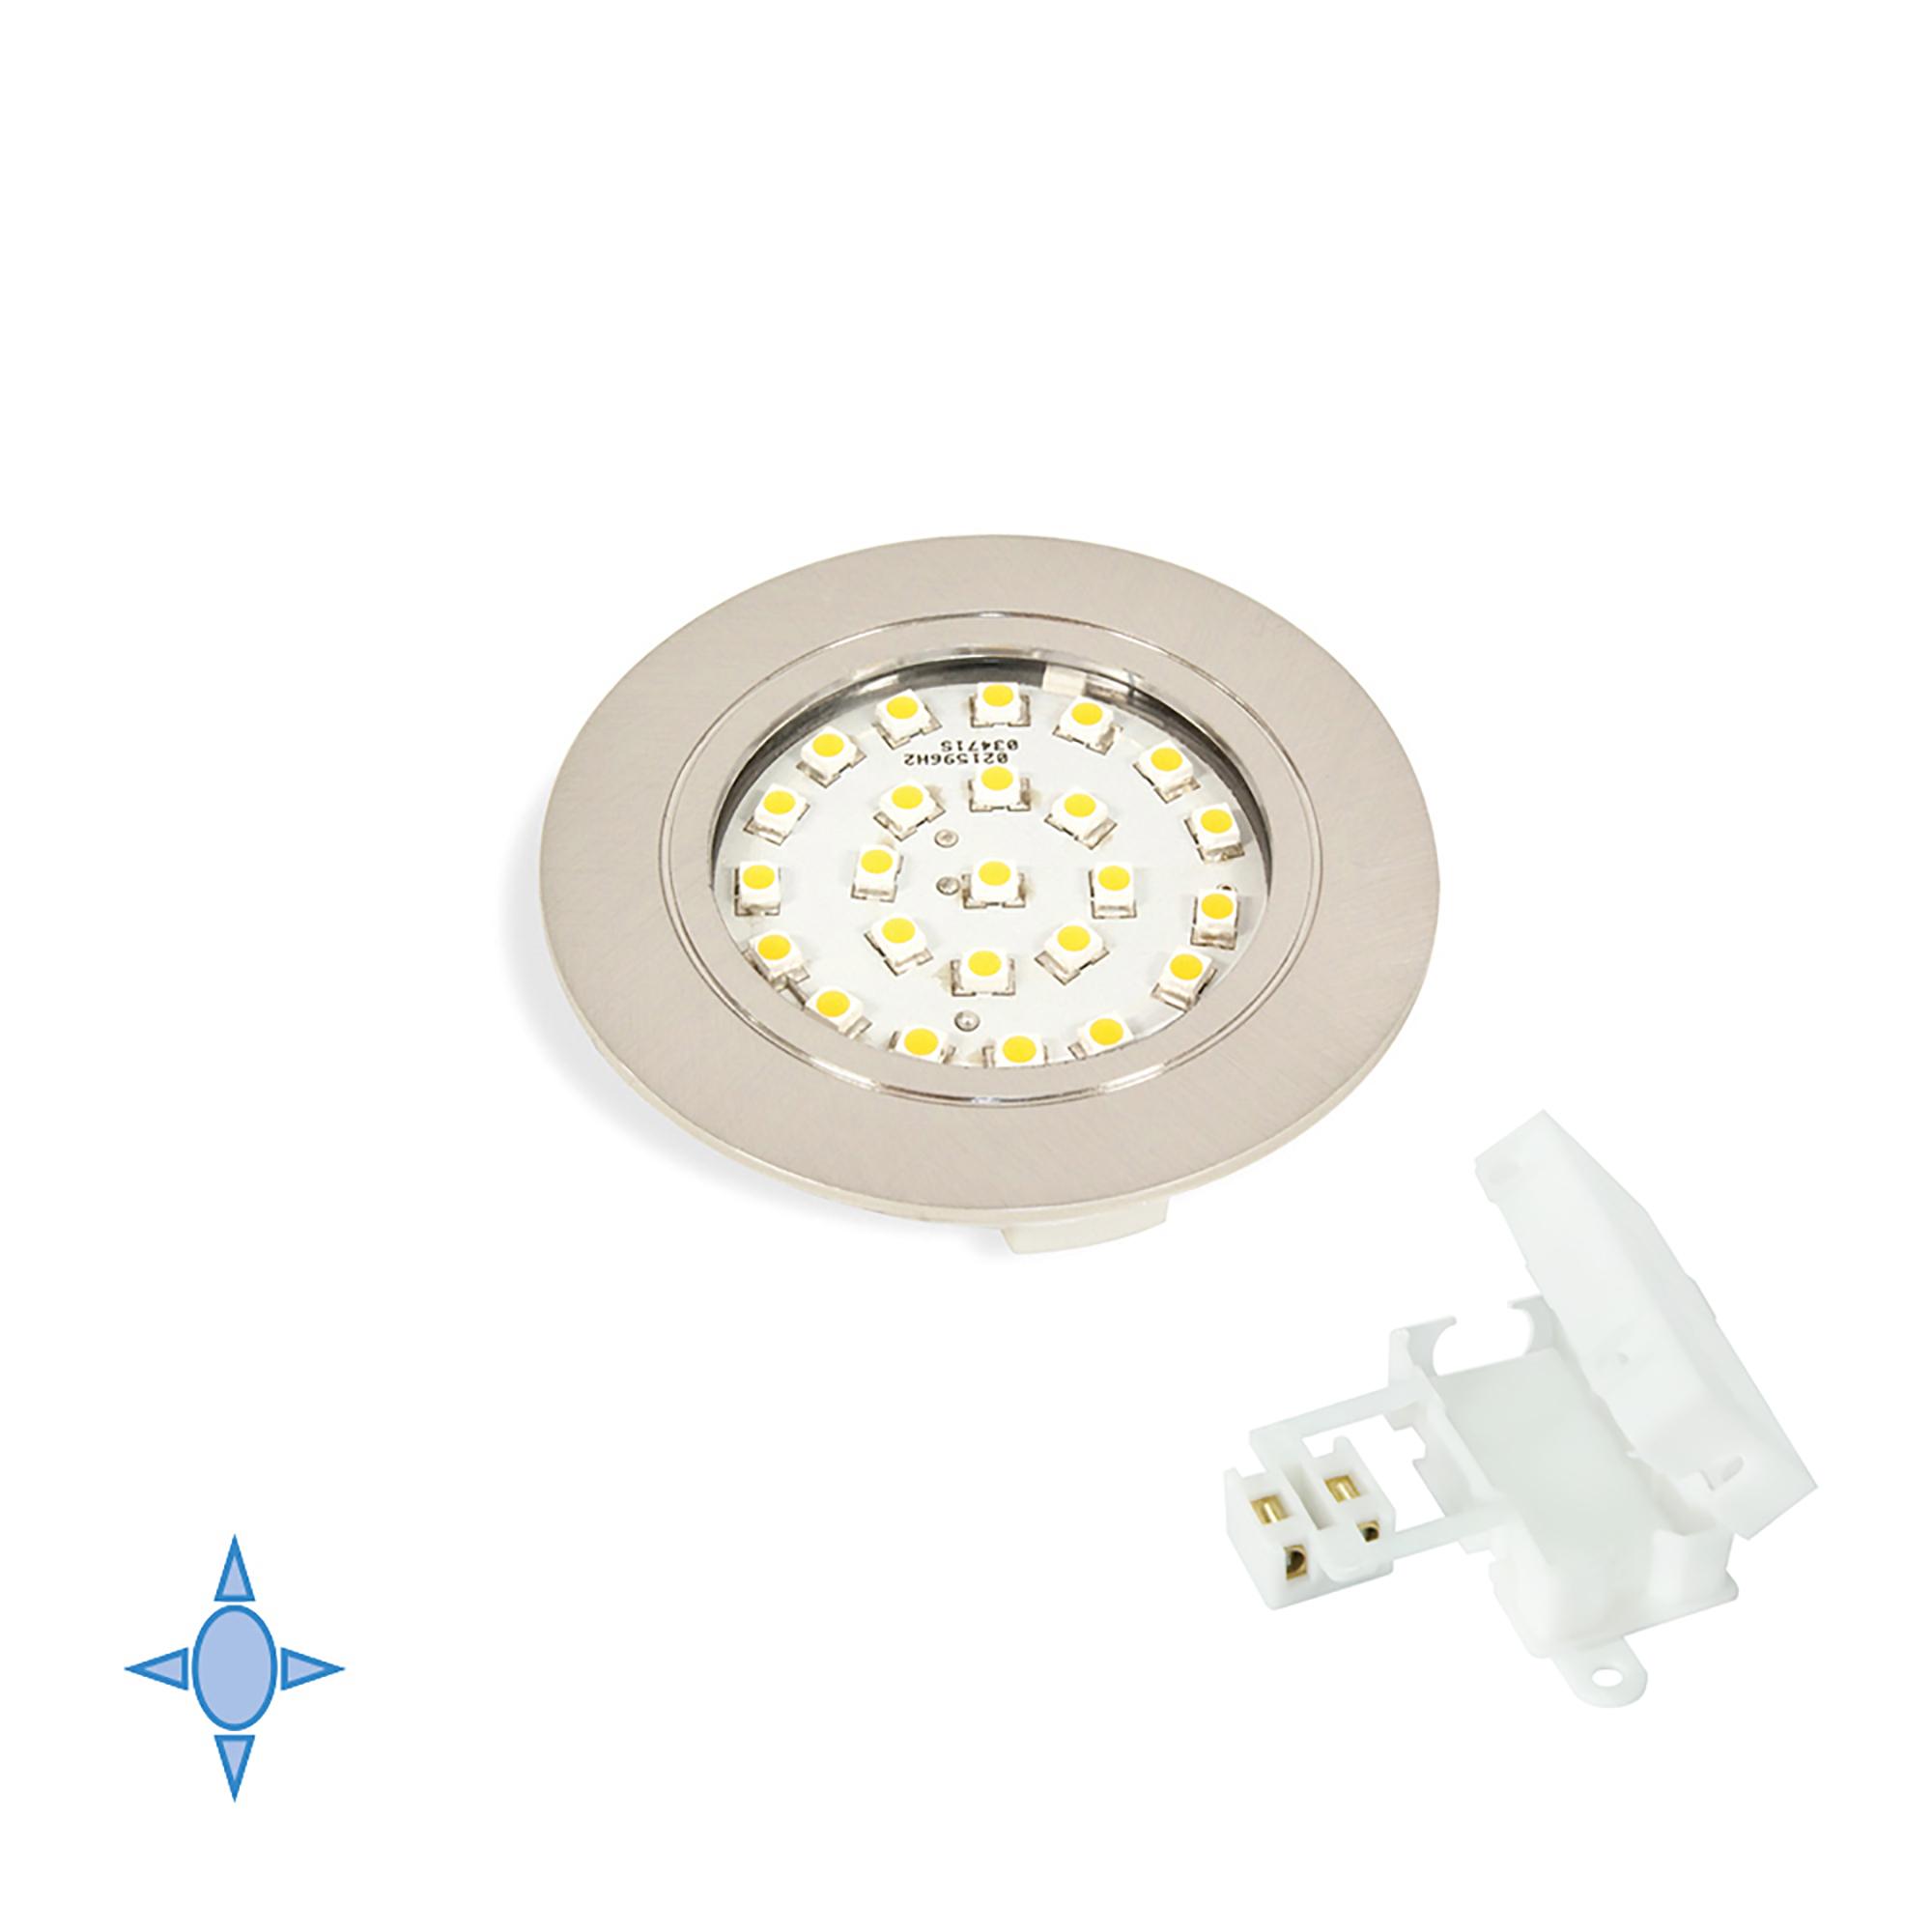 Emuca Faretto LED, D. 65 mm, a incasso, luce bianca fredda, Plastica, Nichel satinato